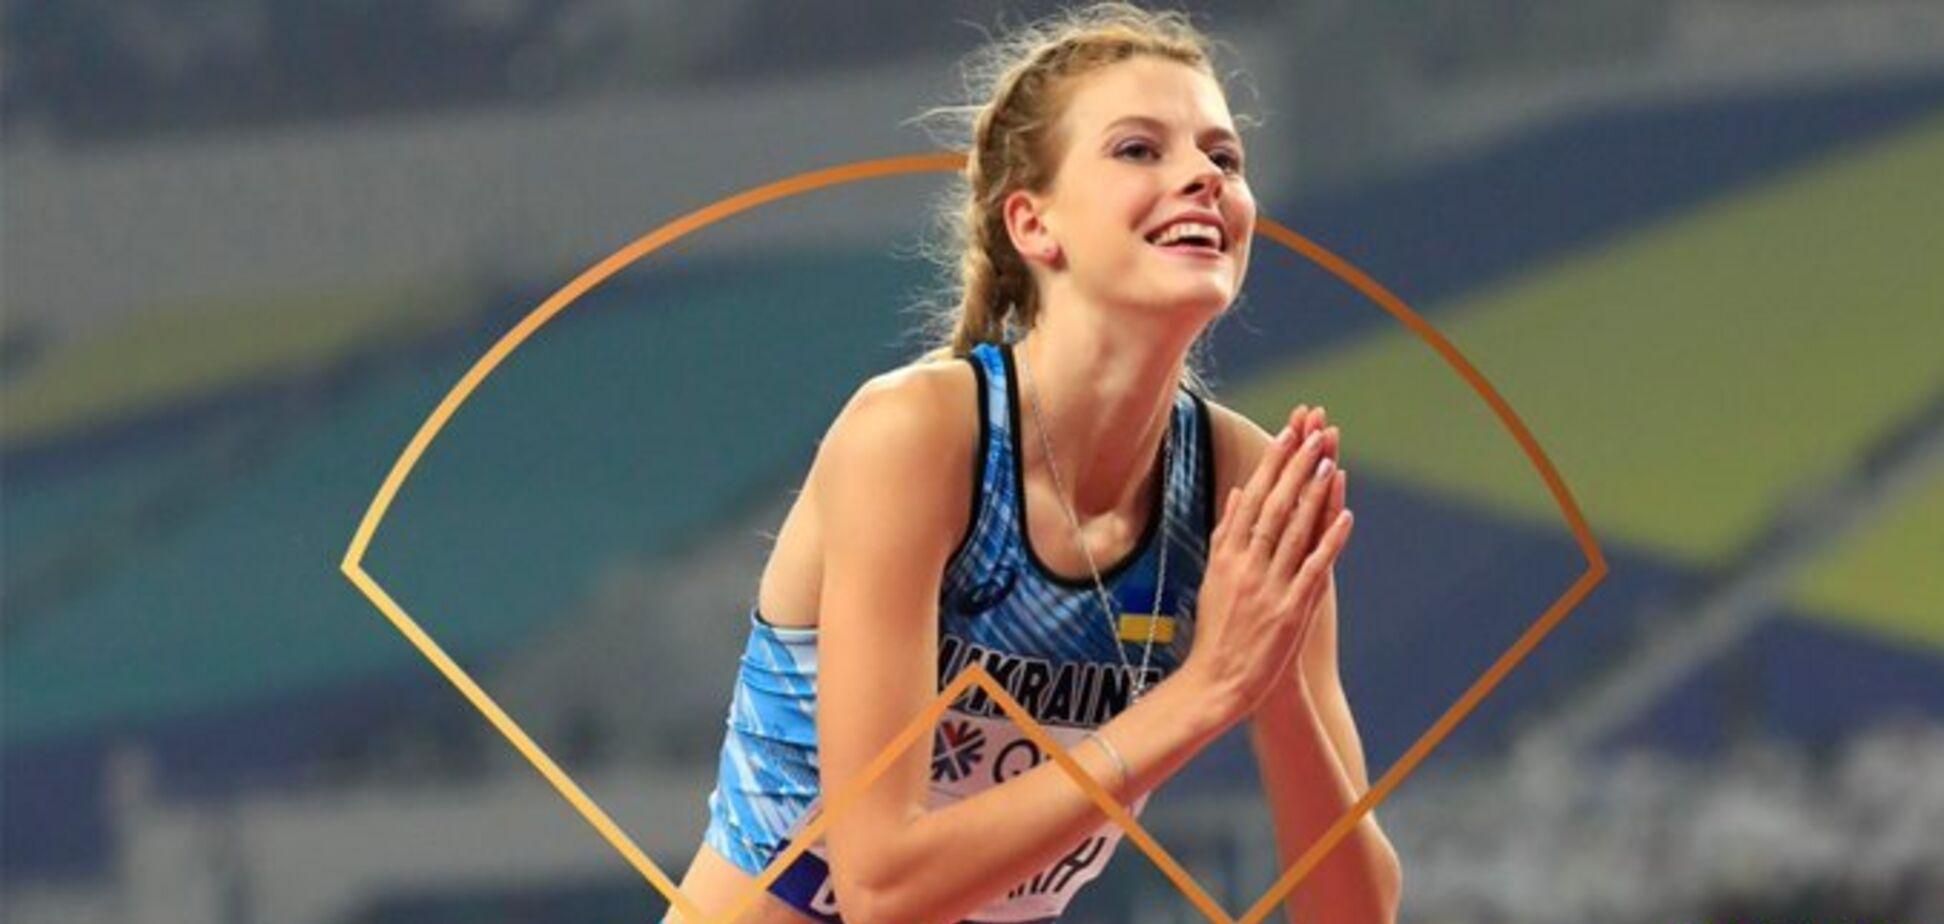 Красавица-украинка признана 'Восходящей звездой' легкой атлетики